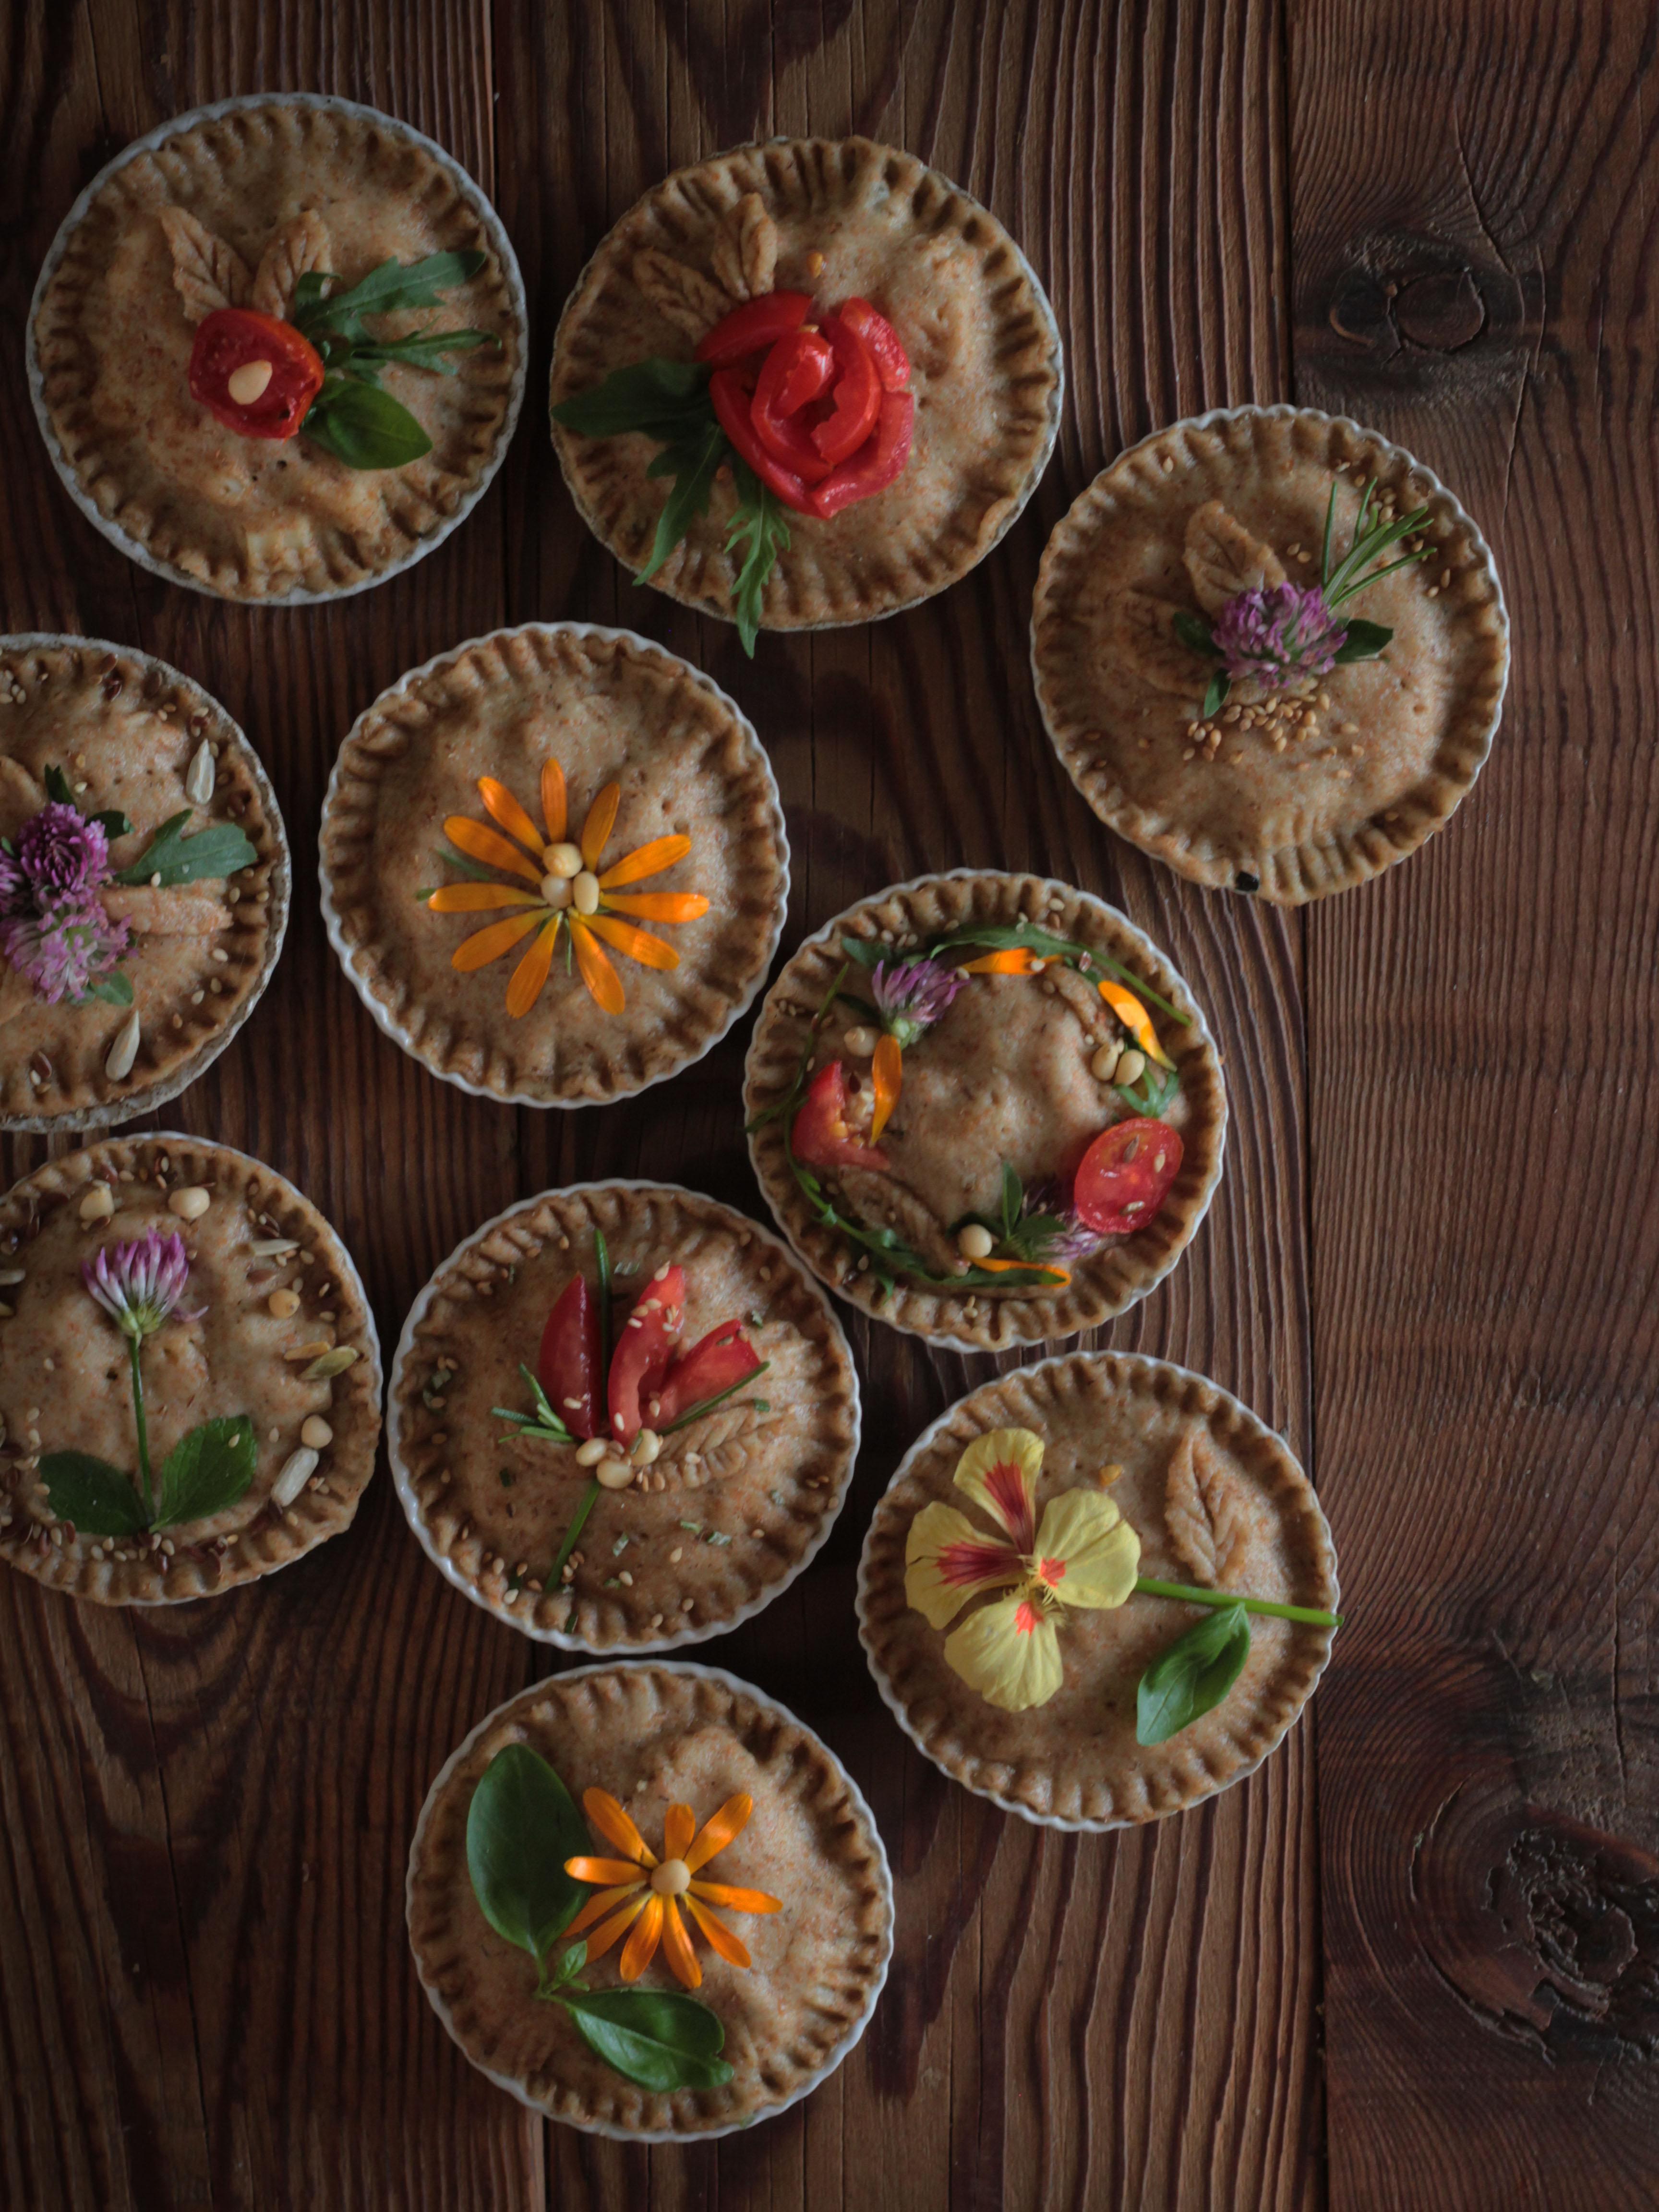 fiori edibili per decorare la torta salata